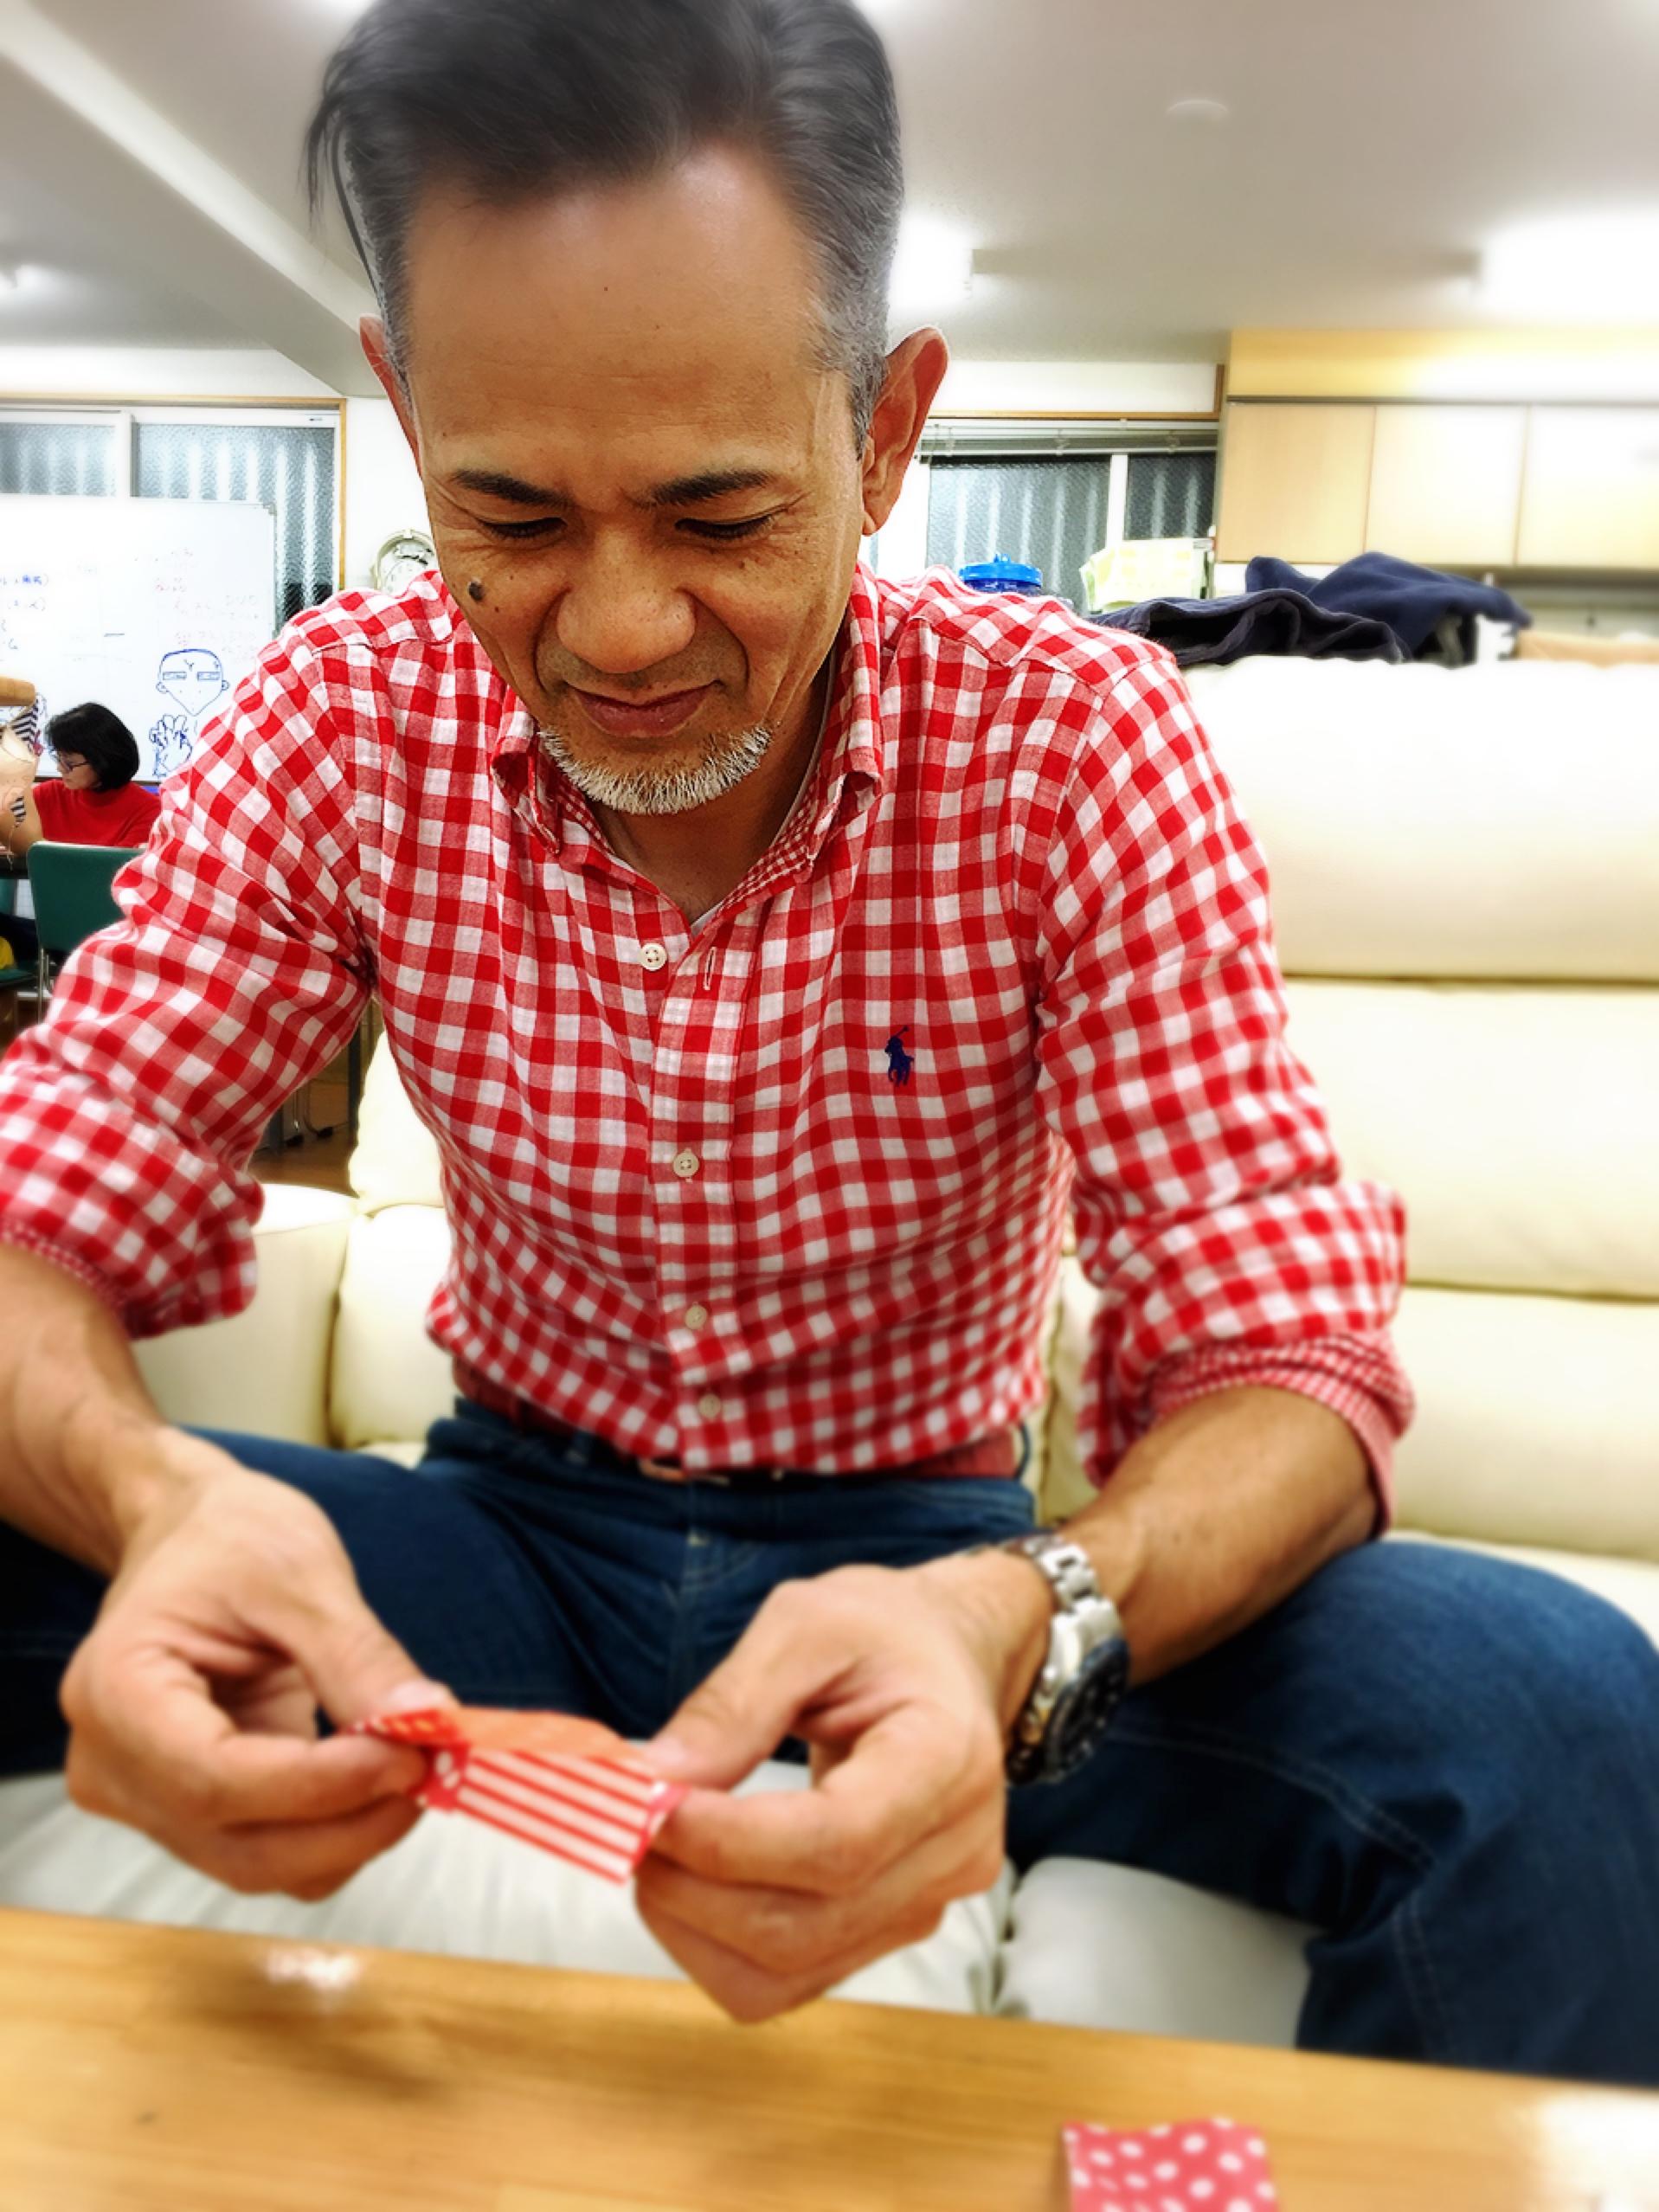 折り紙で紙ヒコーキ作り✨ 何をするにも嬉しそうに少年の顔?✨